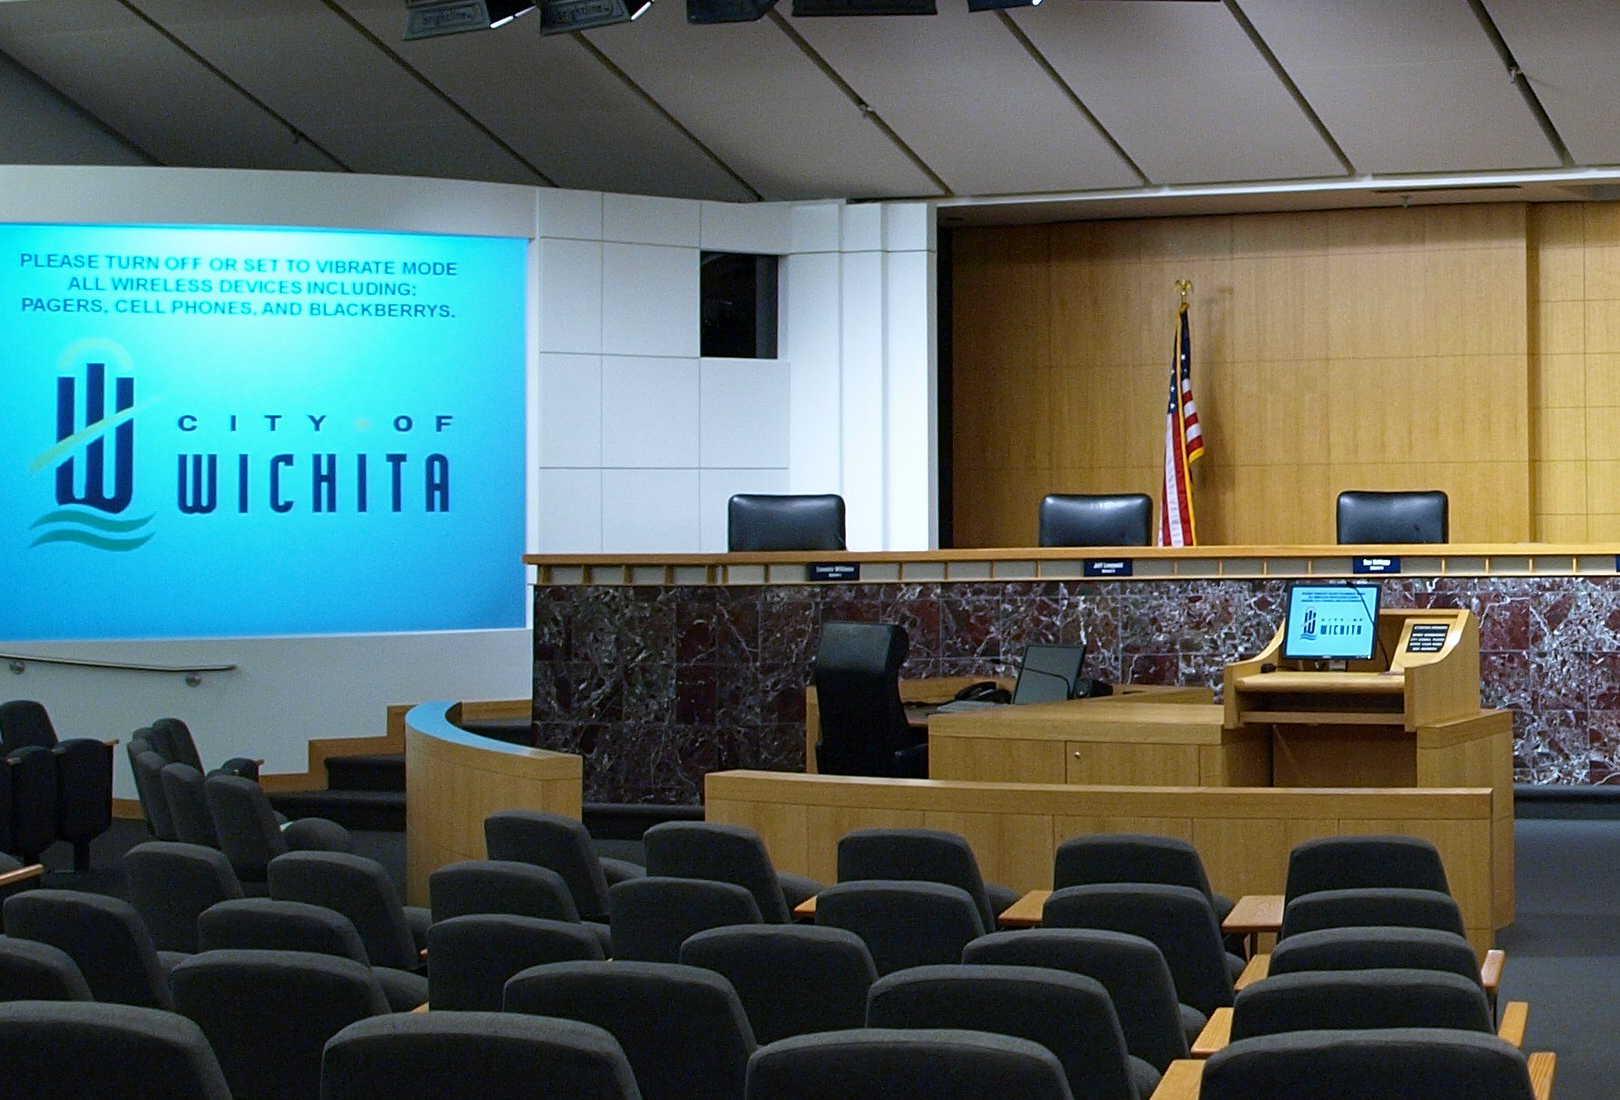 Wichita city council schools citizens on civic involvement